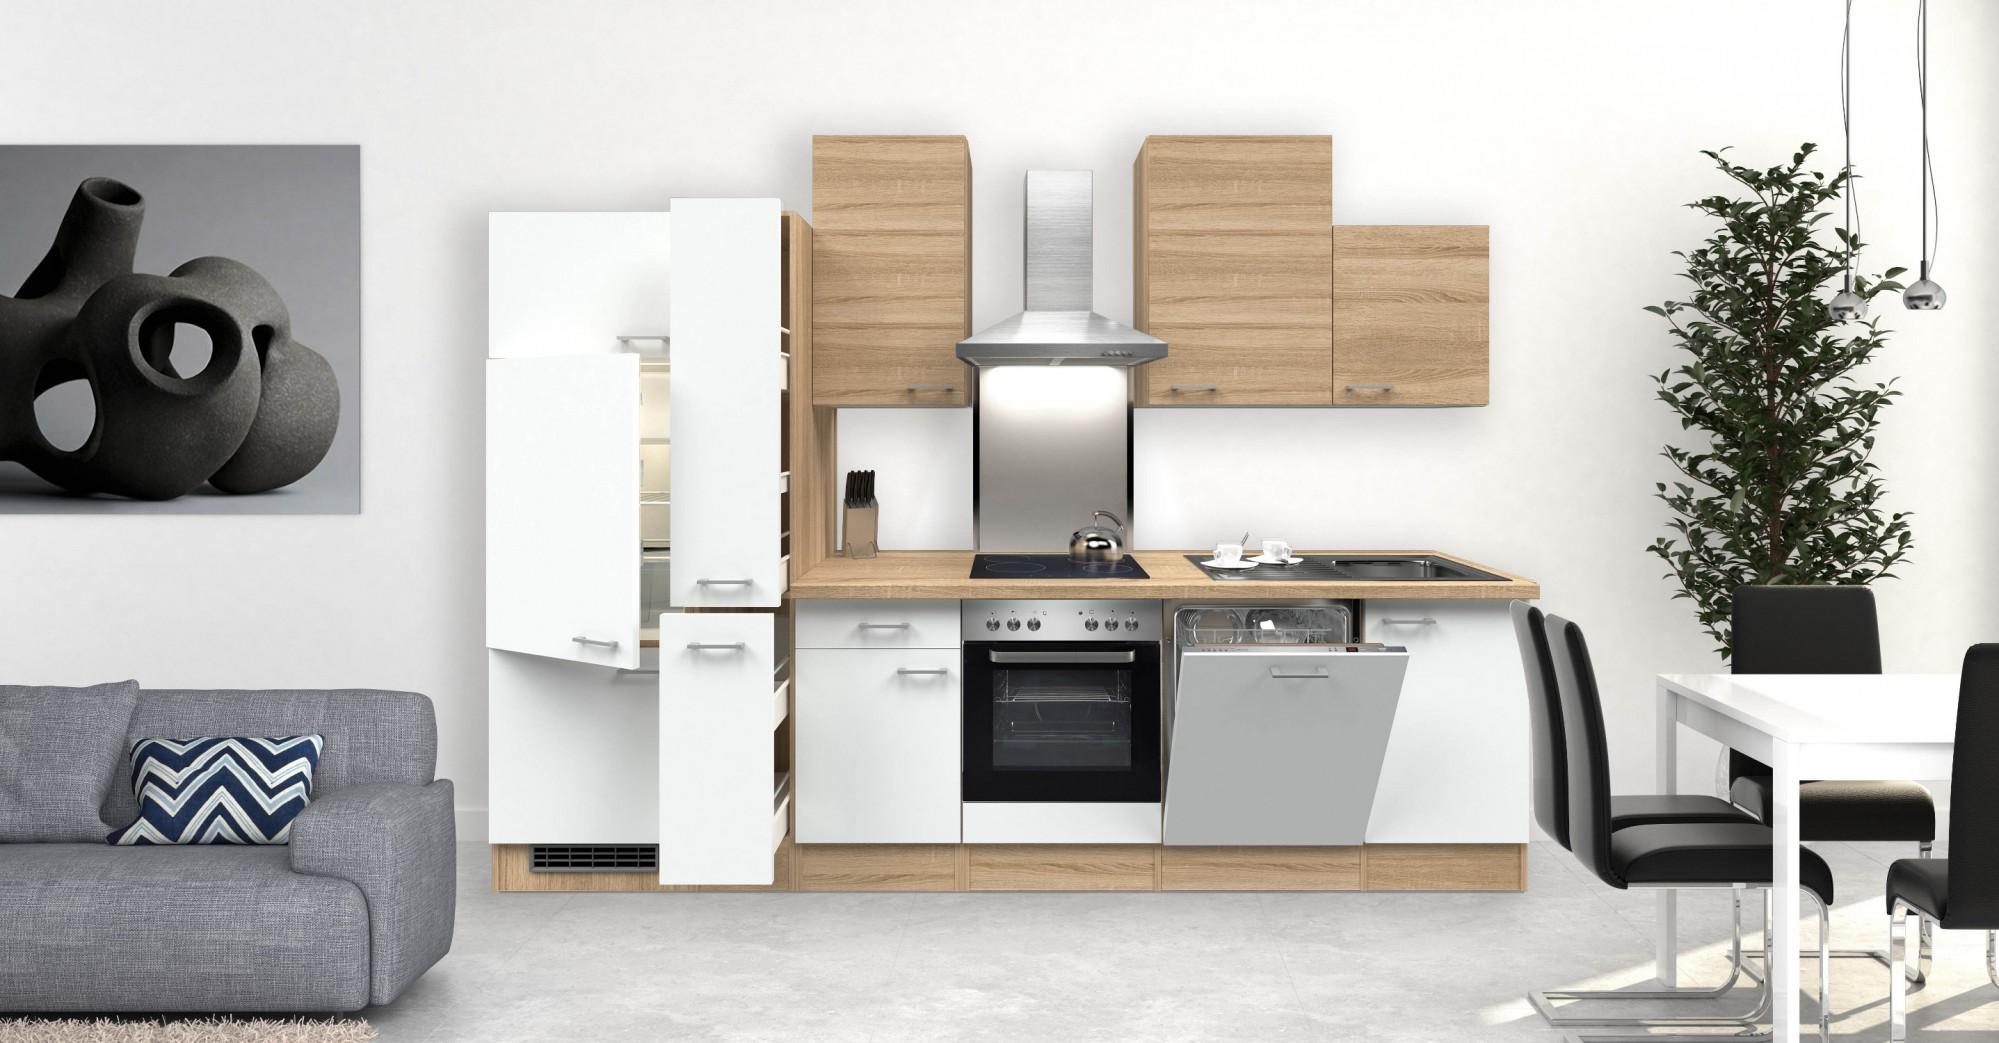 Unterschrank küche weiß  Küchen-Unterschrank ROM - 1-türig - 40 cm breit - Weiß Küche ROM